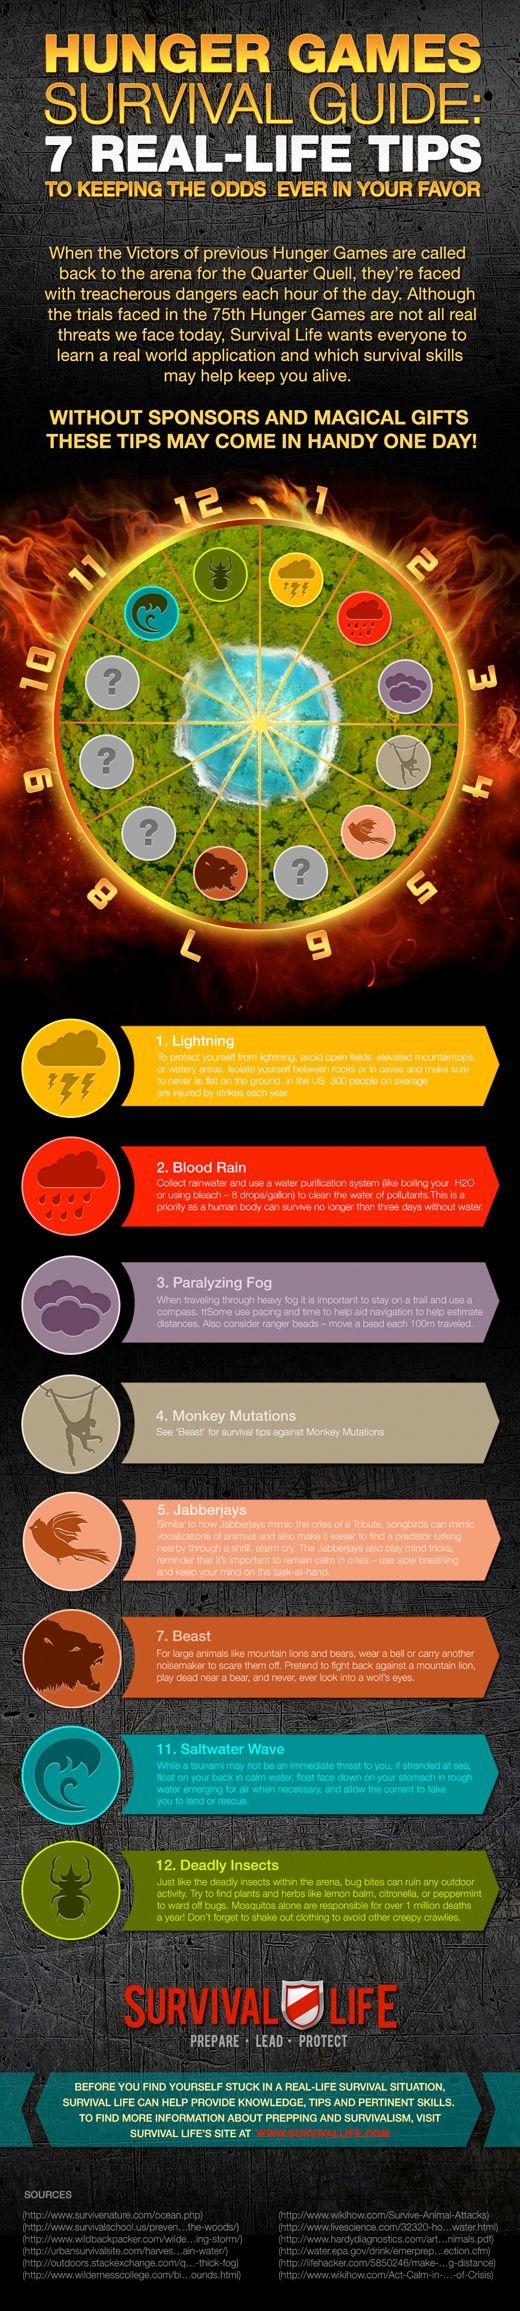 Hunger Games Survival Guide @eliza Wells